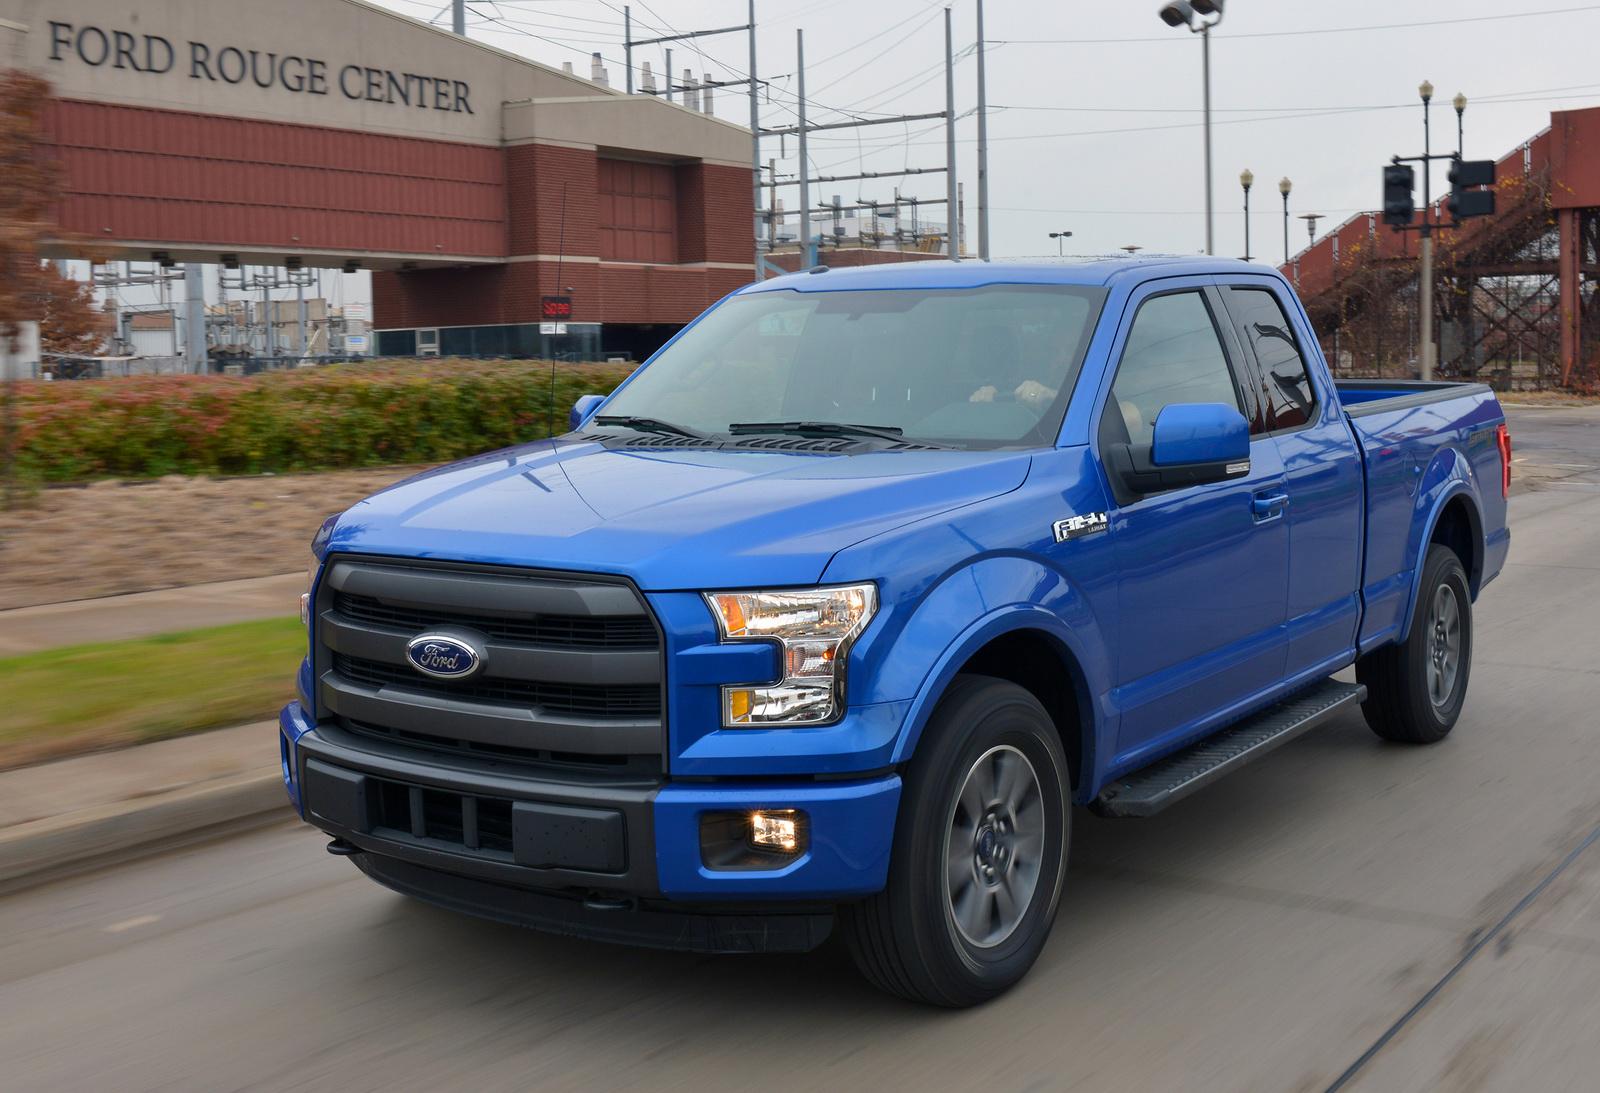 Ford mở rộng triệu hồi hơn 12.300 chiếc F-150 vì lỗi gây mất lái